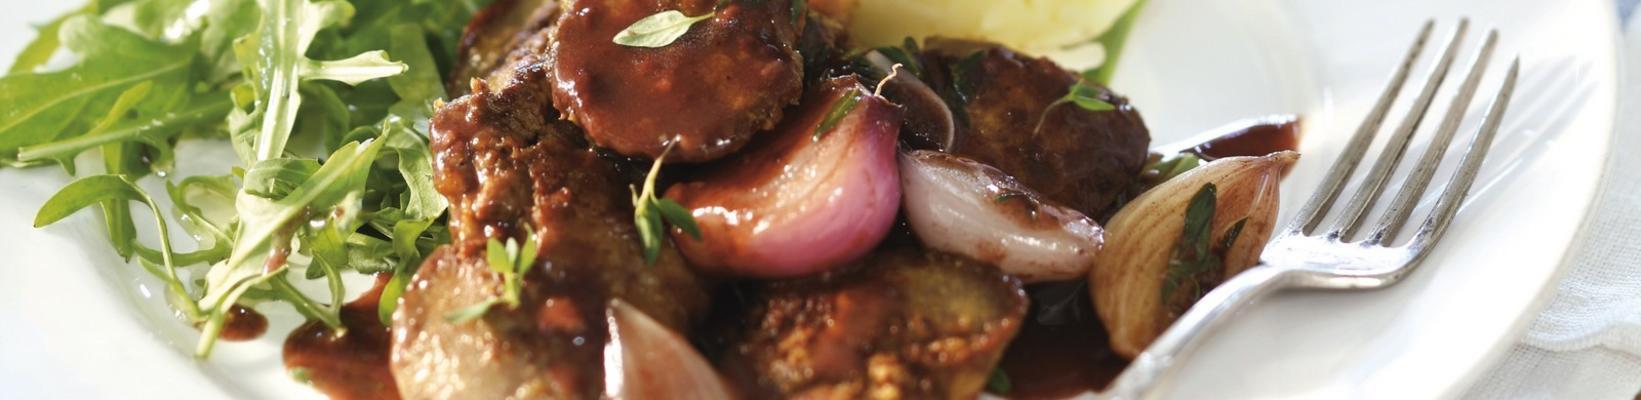 chicken liver in red wine